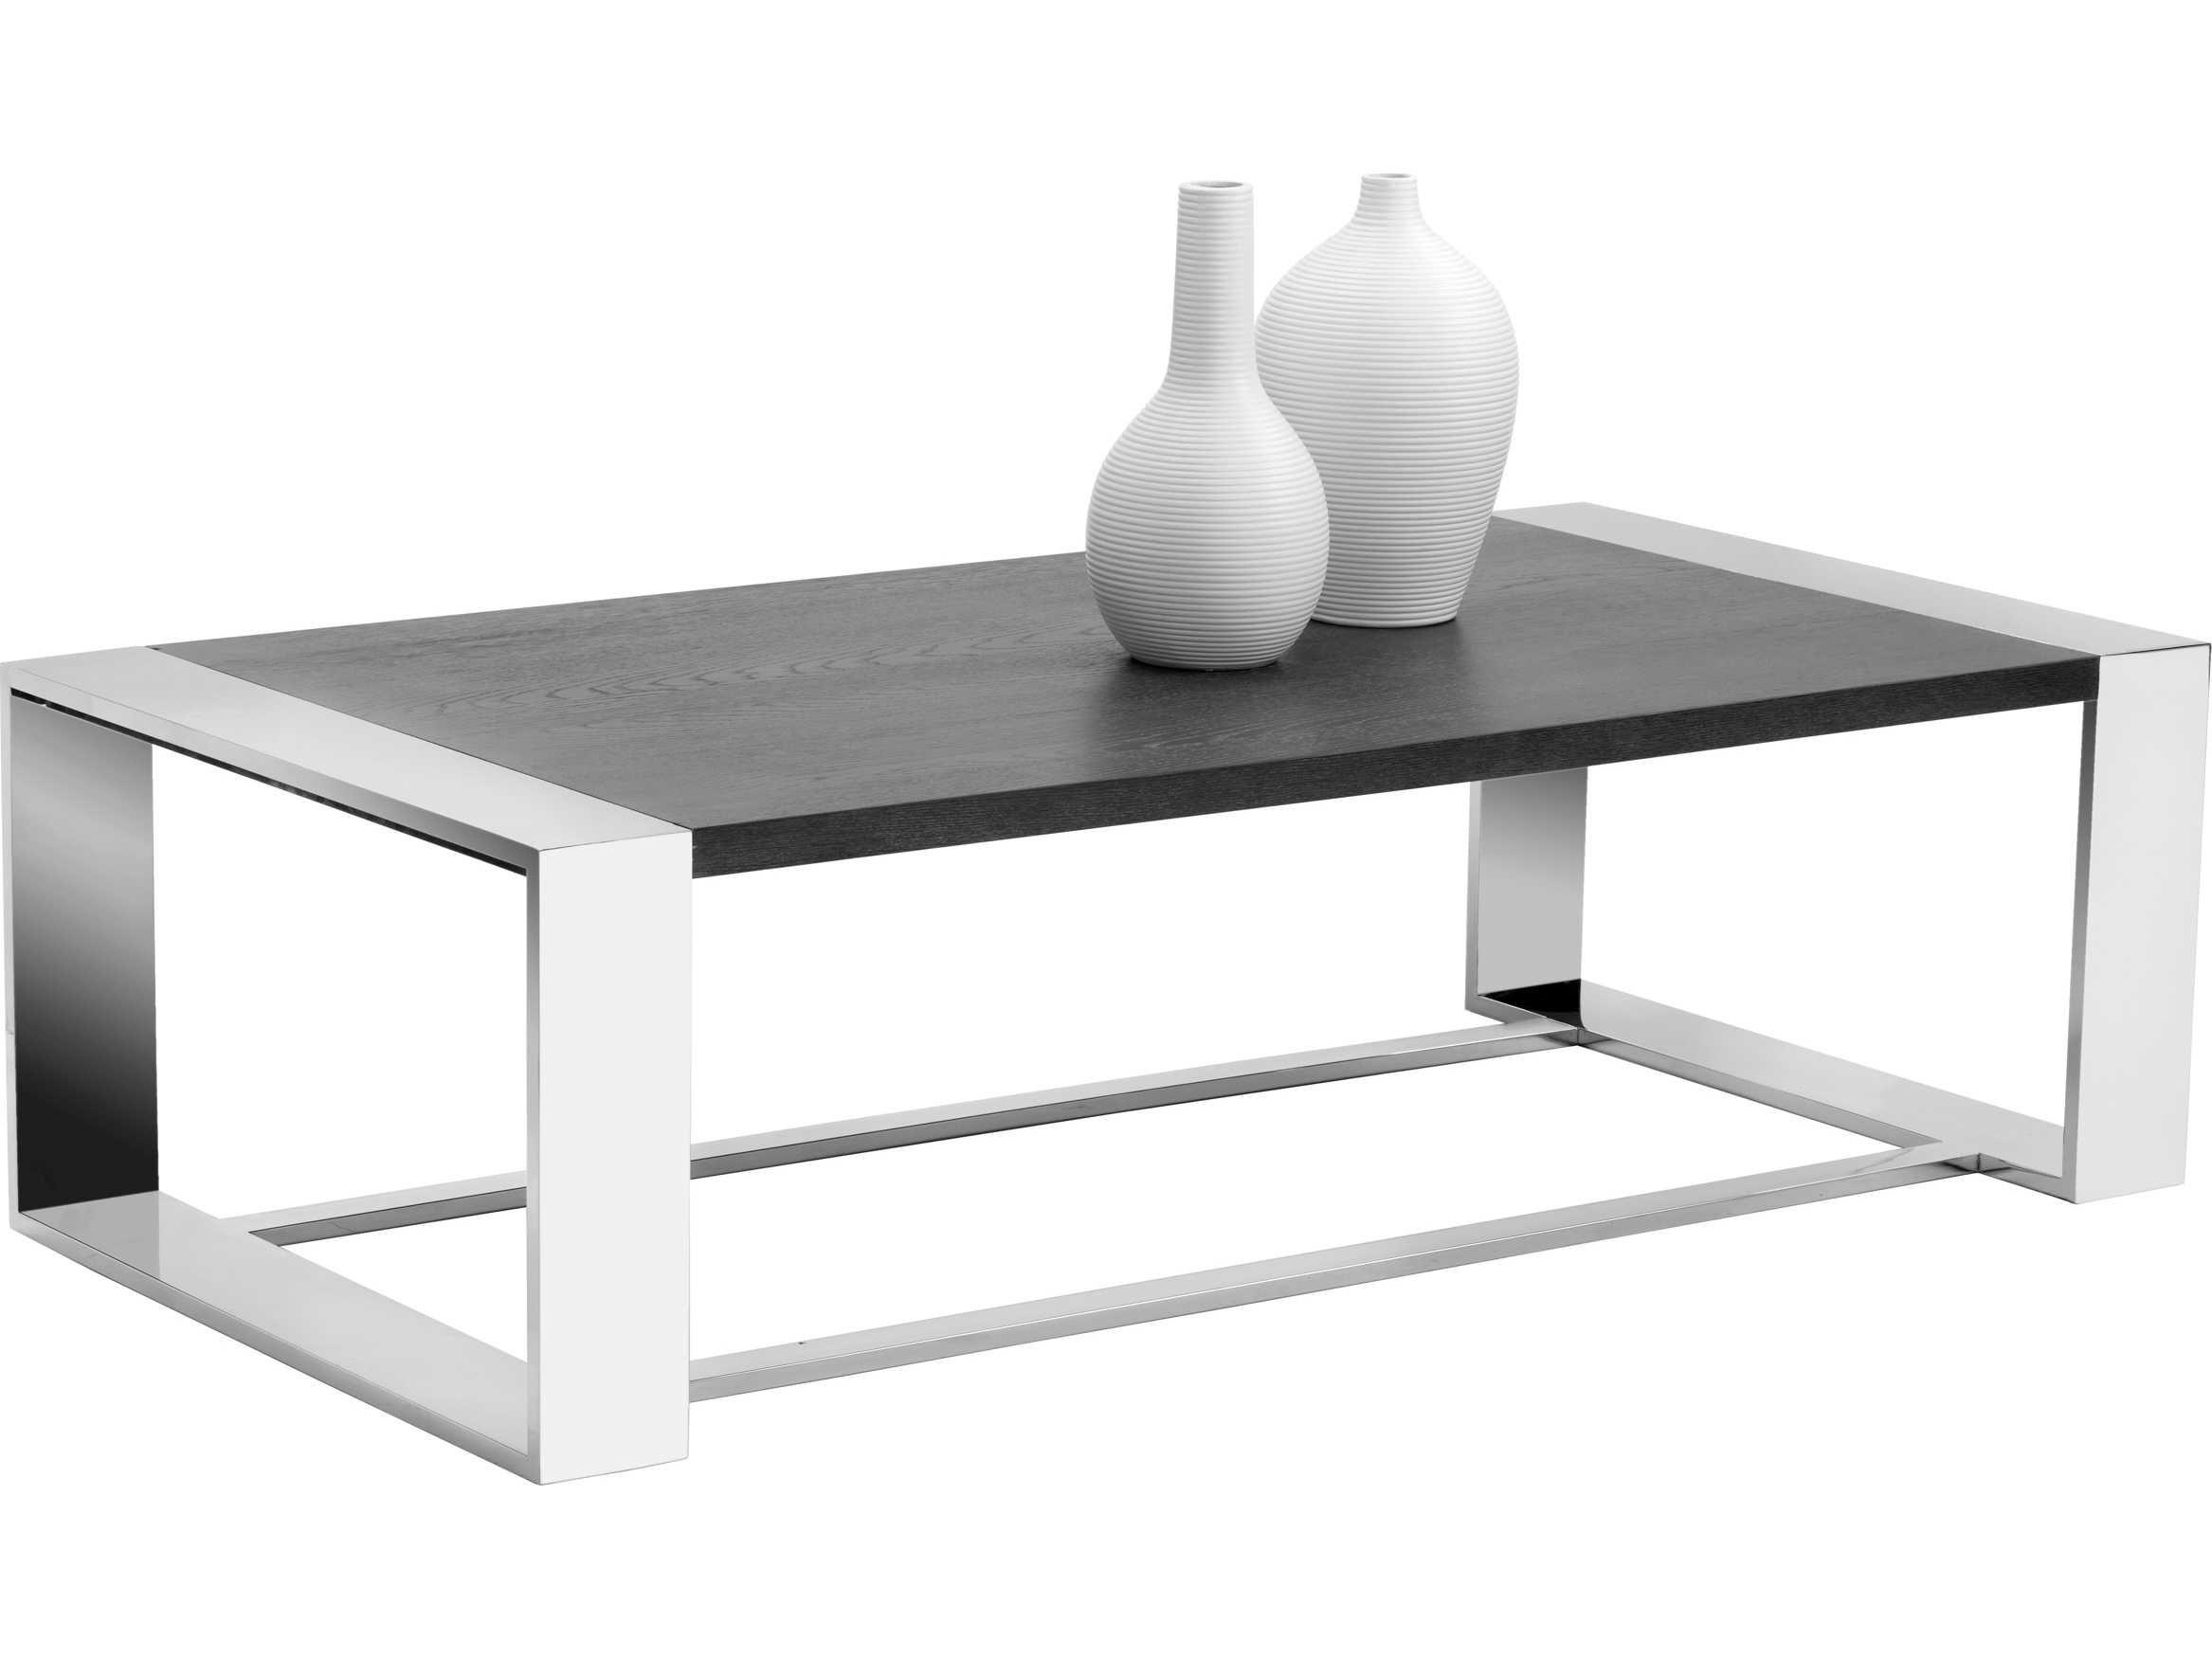 Sunpan Modern Home Furniture Coffee Table Rectangular Coffee Table Stainless Steel Furniture [ 1751 x 2334 Pixel ]